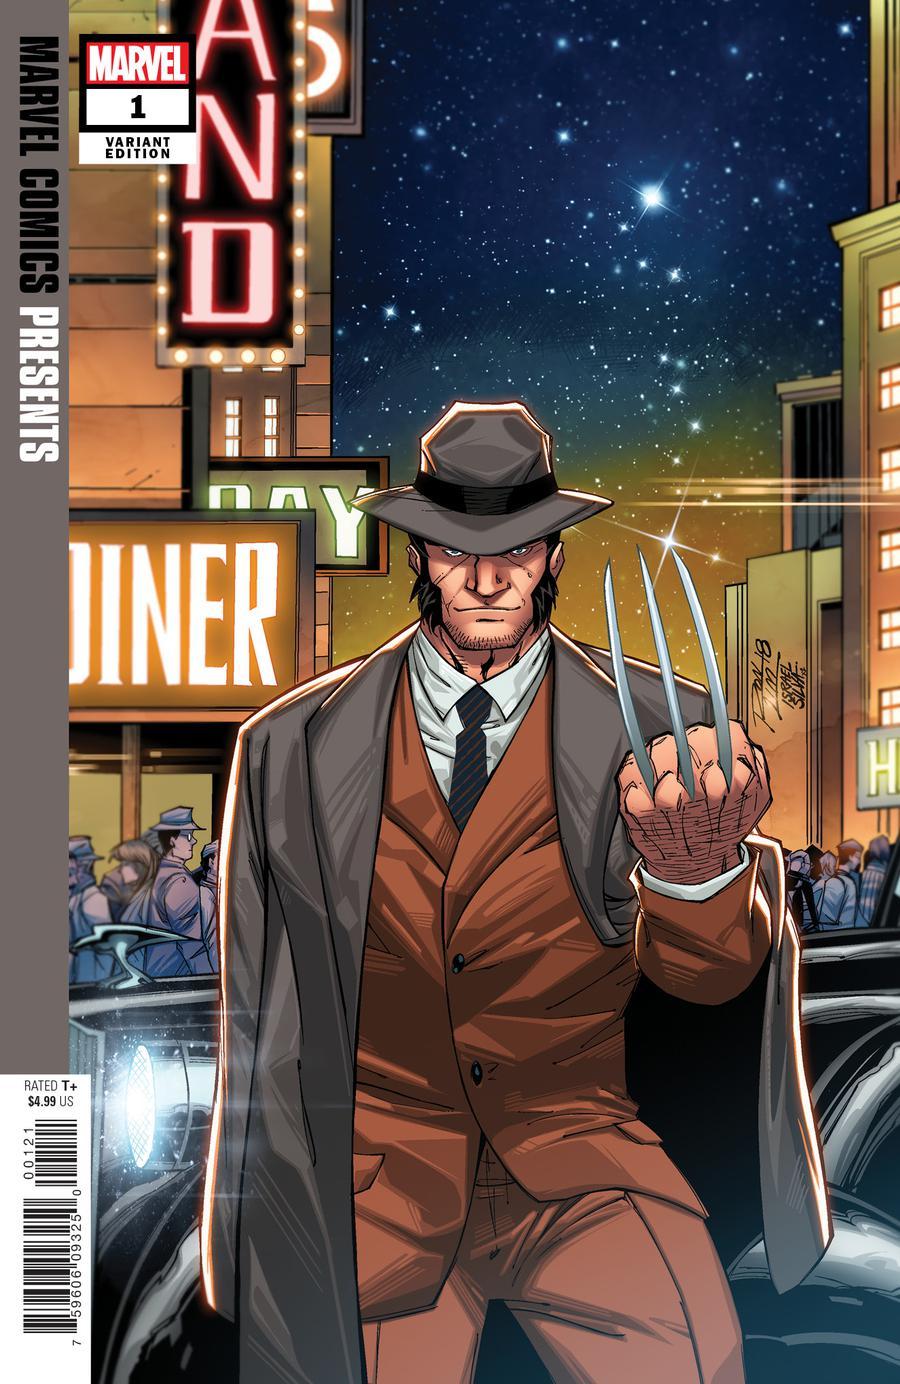 Marvel Comics Presents Vol 3 #1 Cover B Variant Ron Lim Cover